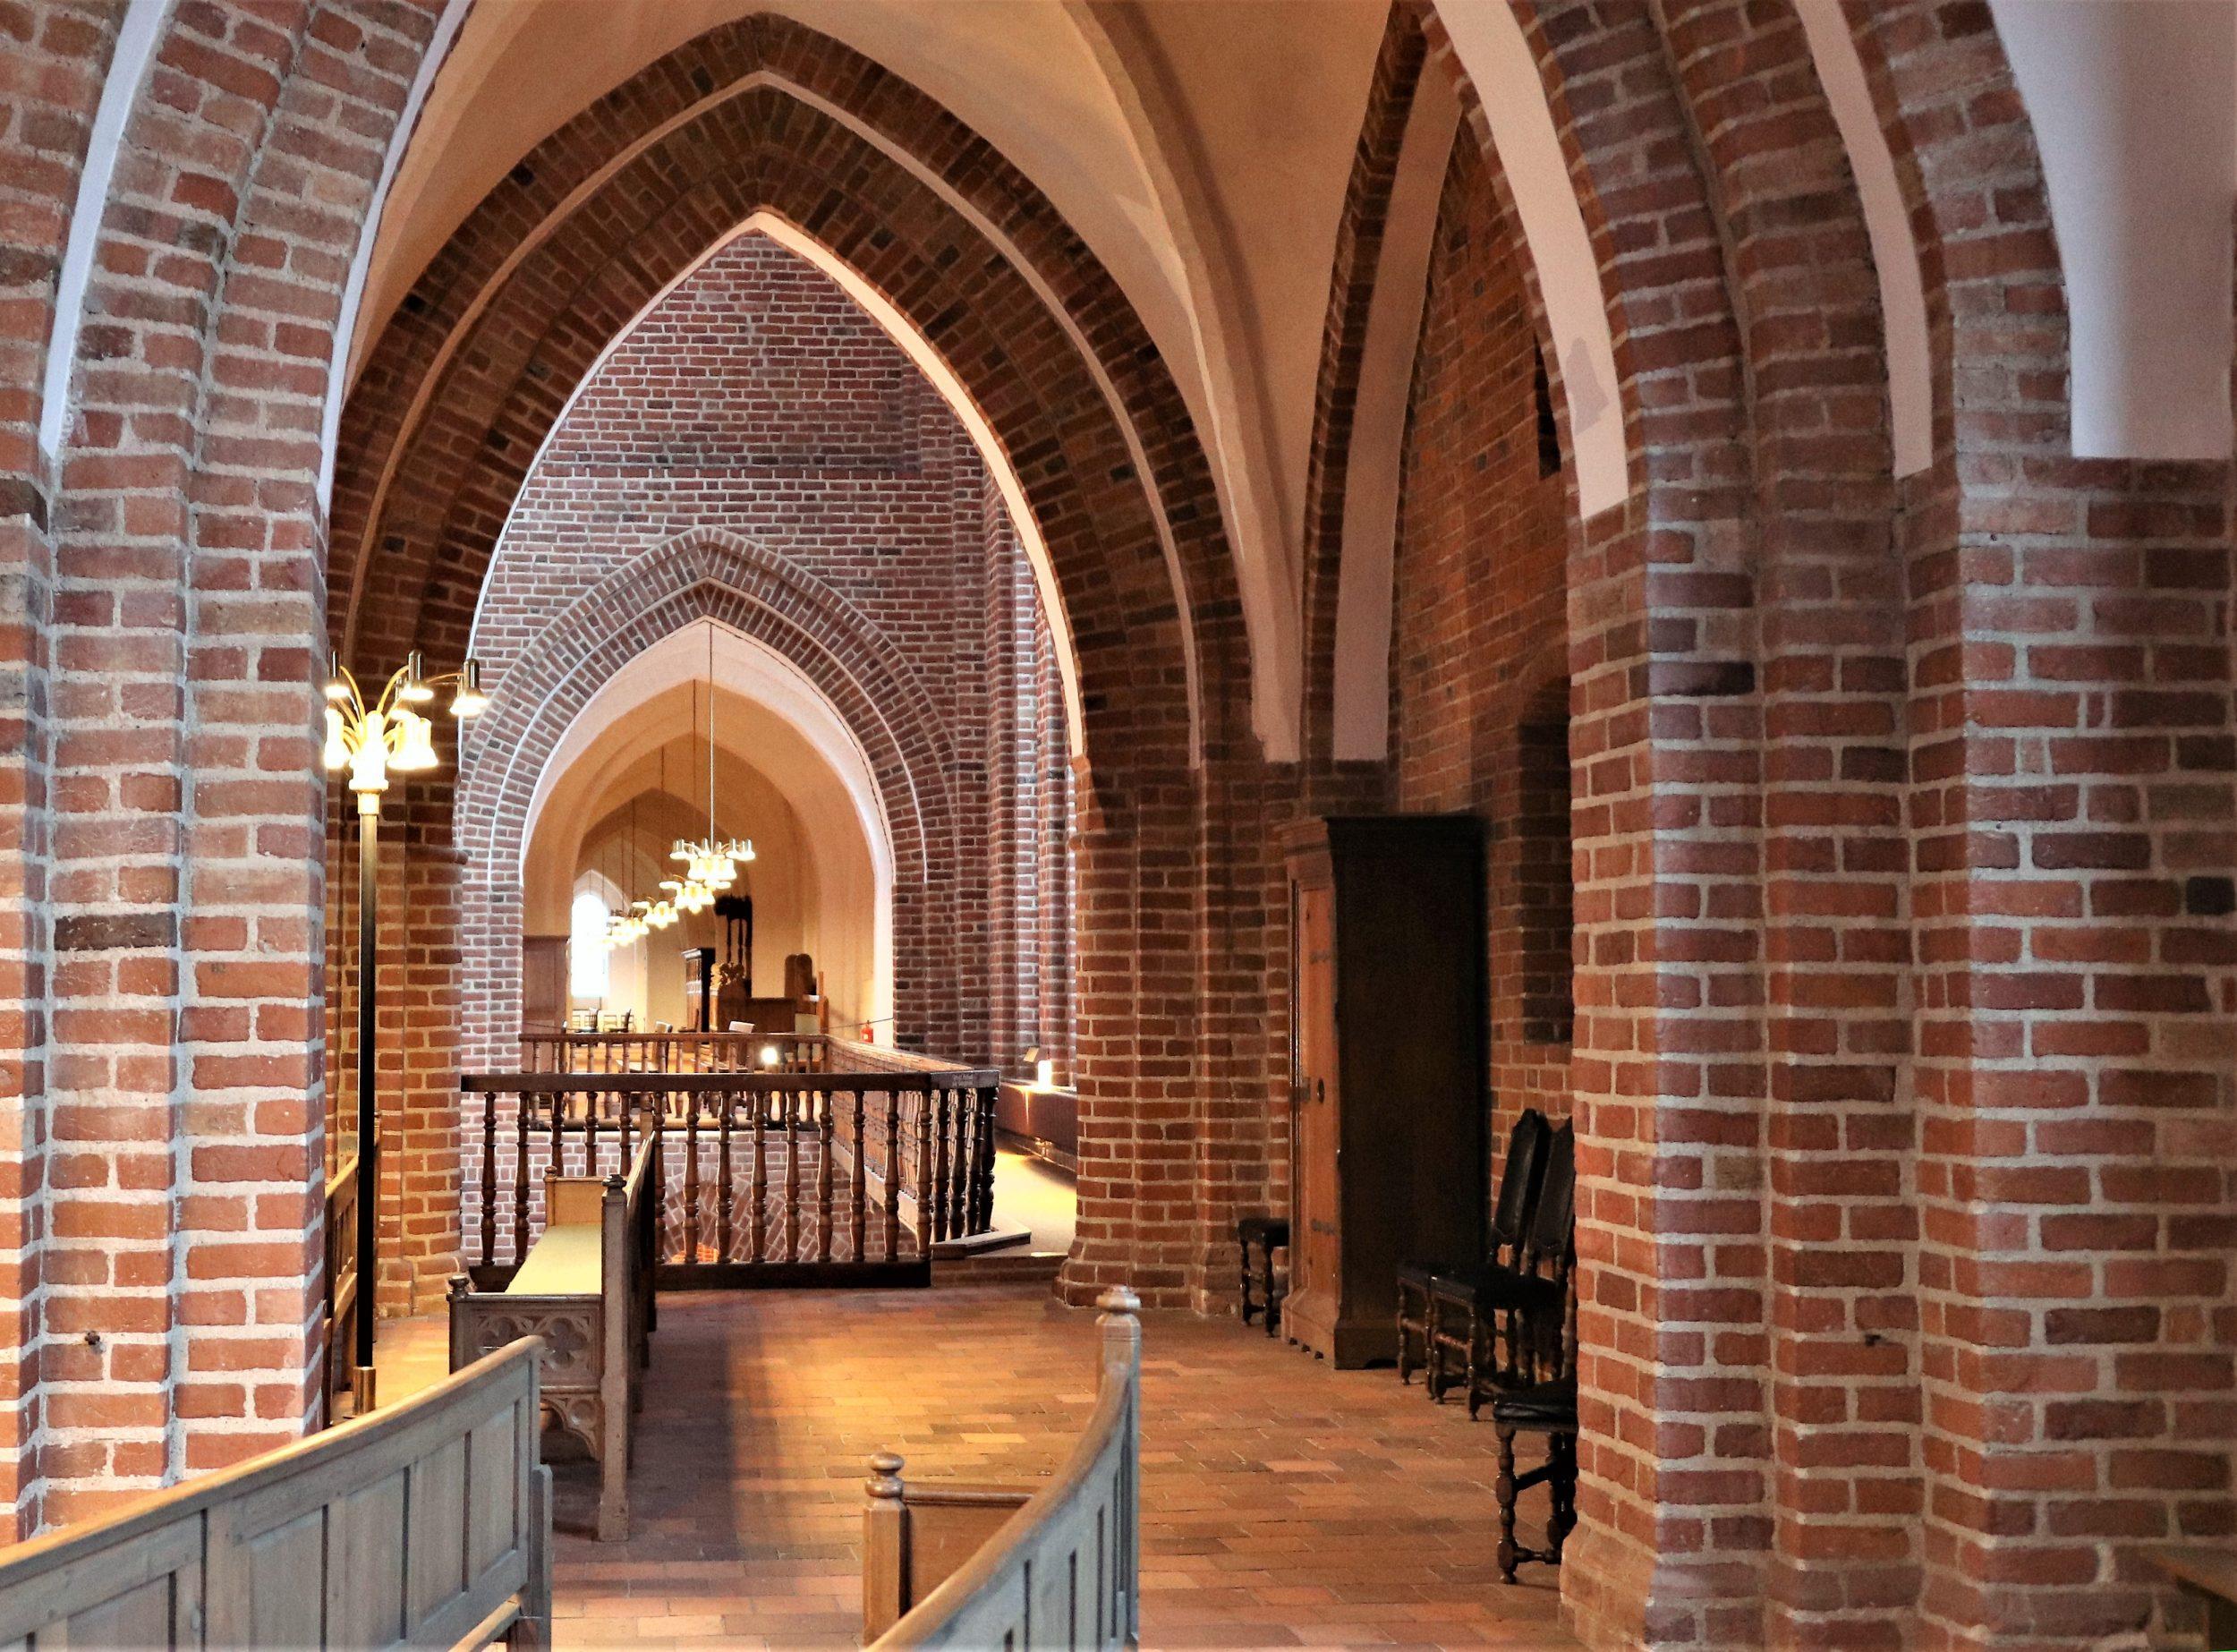 Nyt fra menighedsrådet i Roskilde Domkirke